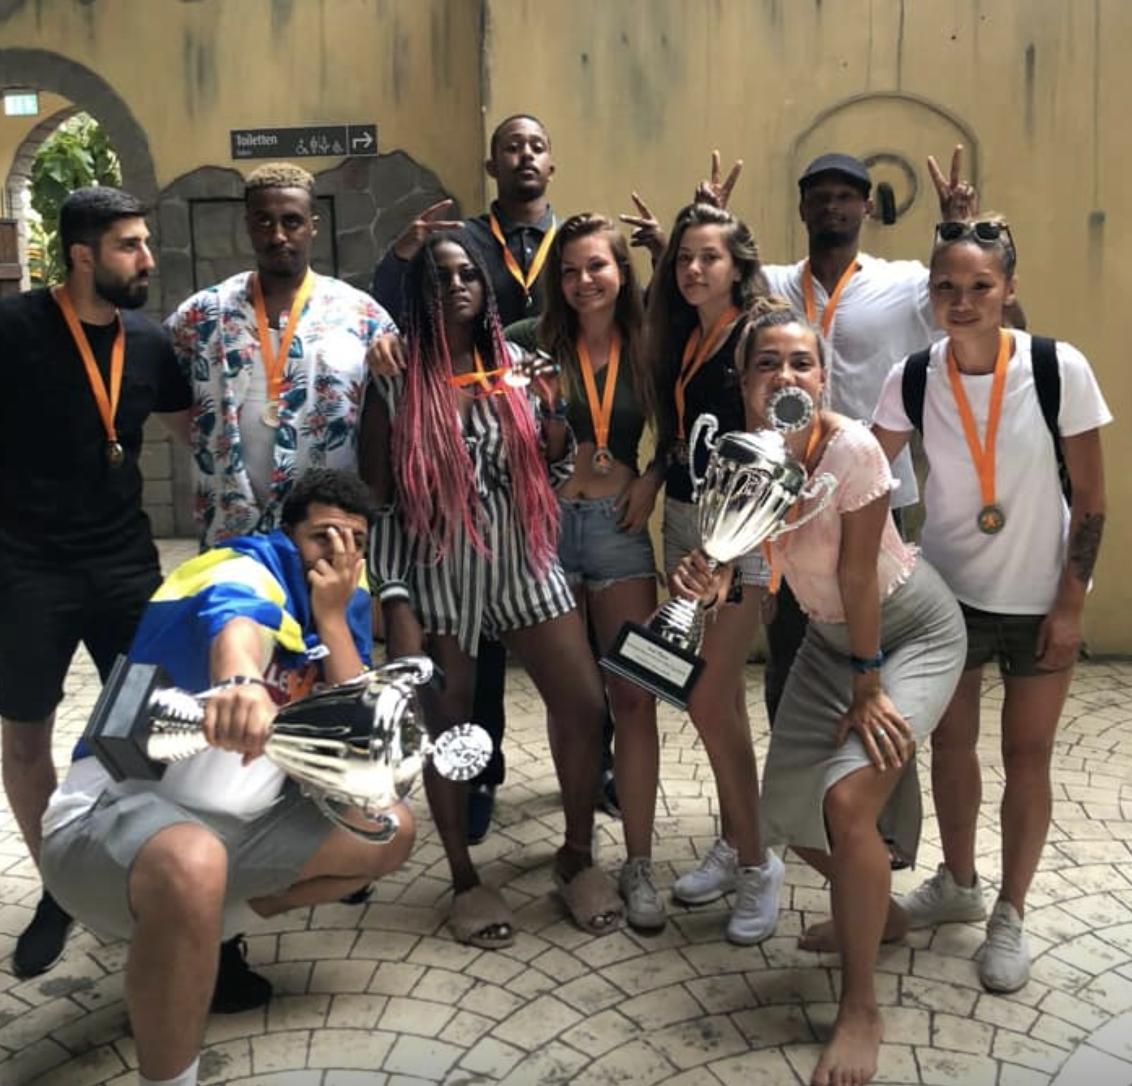 Diversity is a winner